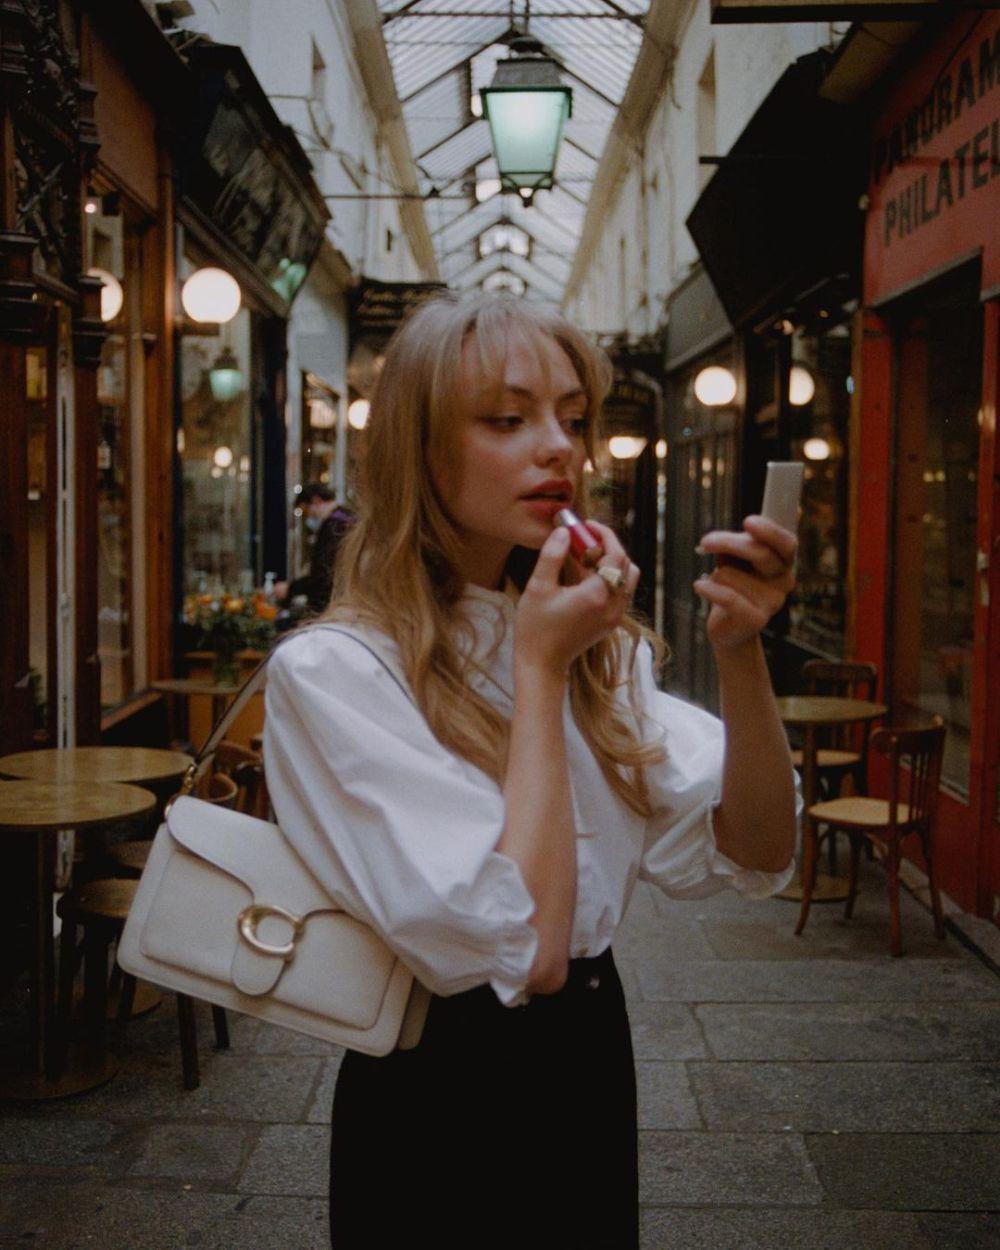 El tono de pelo de las francesas como Anouchka Gauthier que lleva un rubio luminoso, es fundamental para llevar un despeinado cool